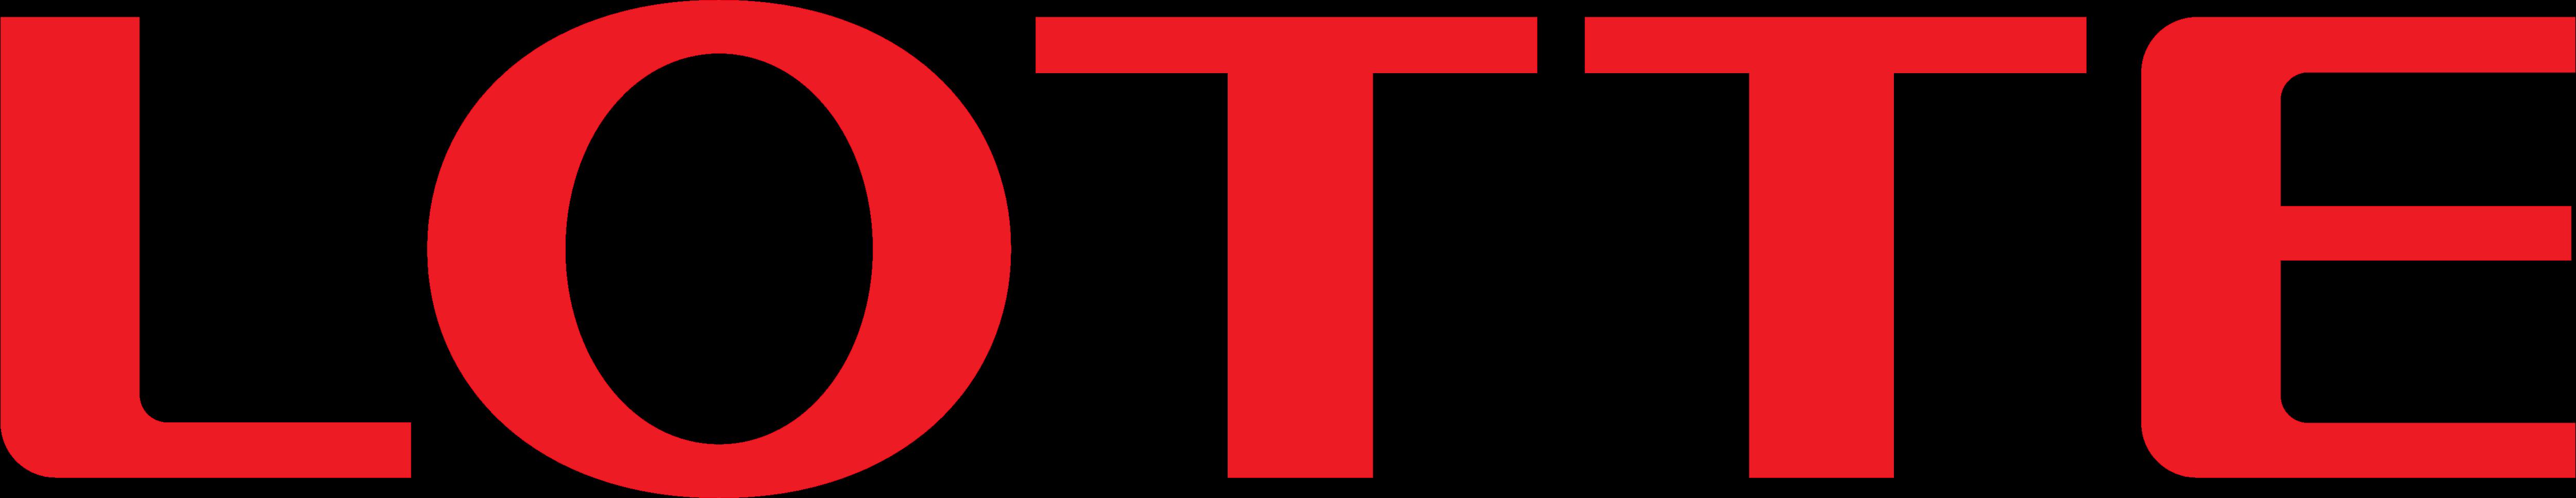 fahasa logo